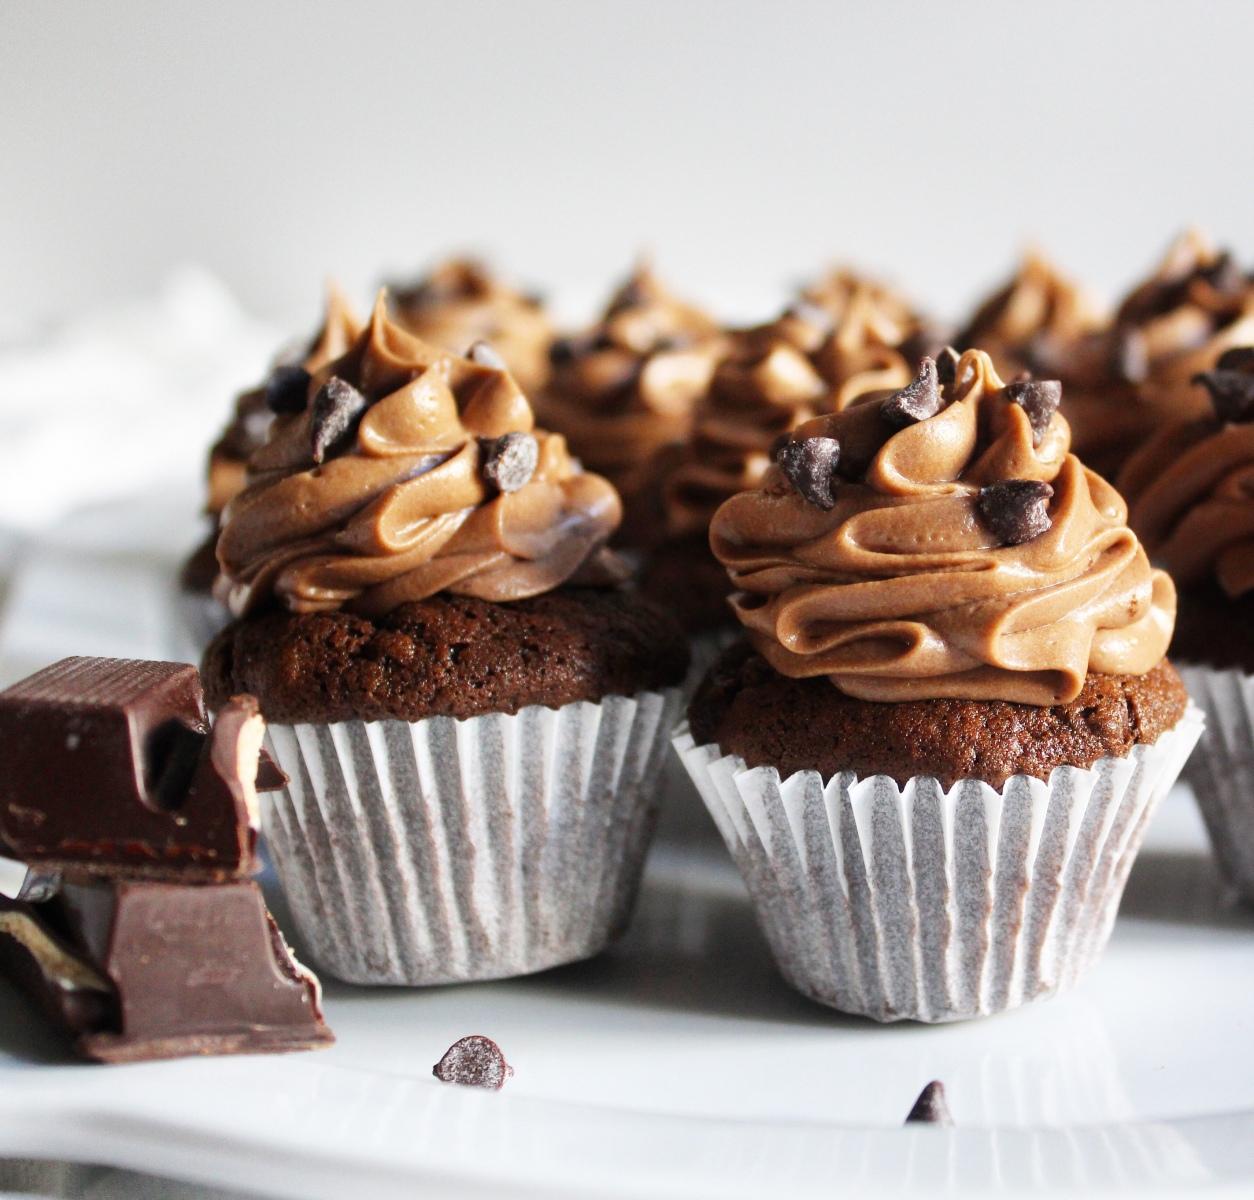 choco-cupcakes